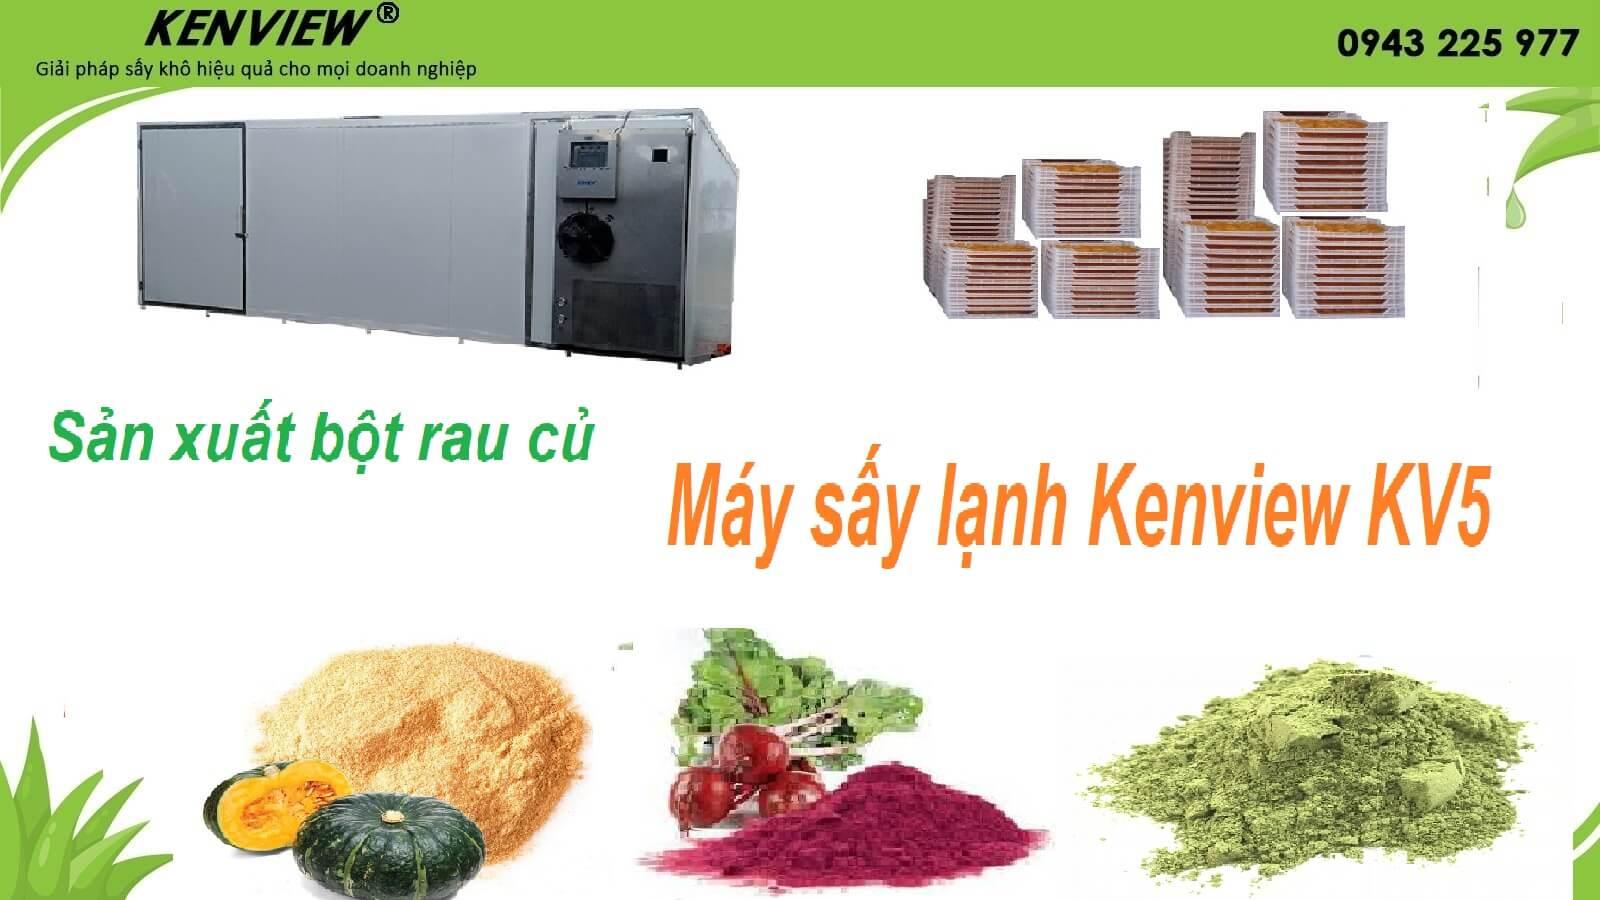 Kenview kv5